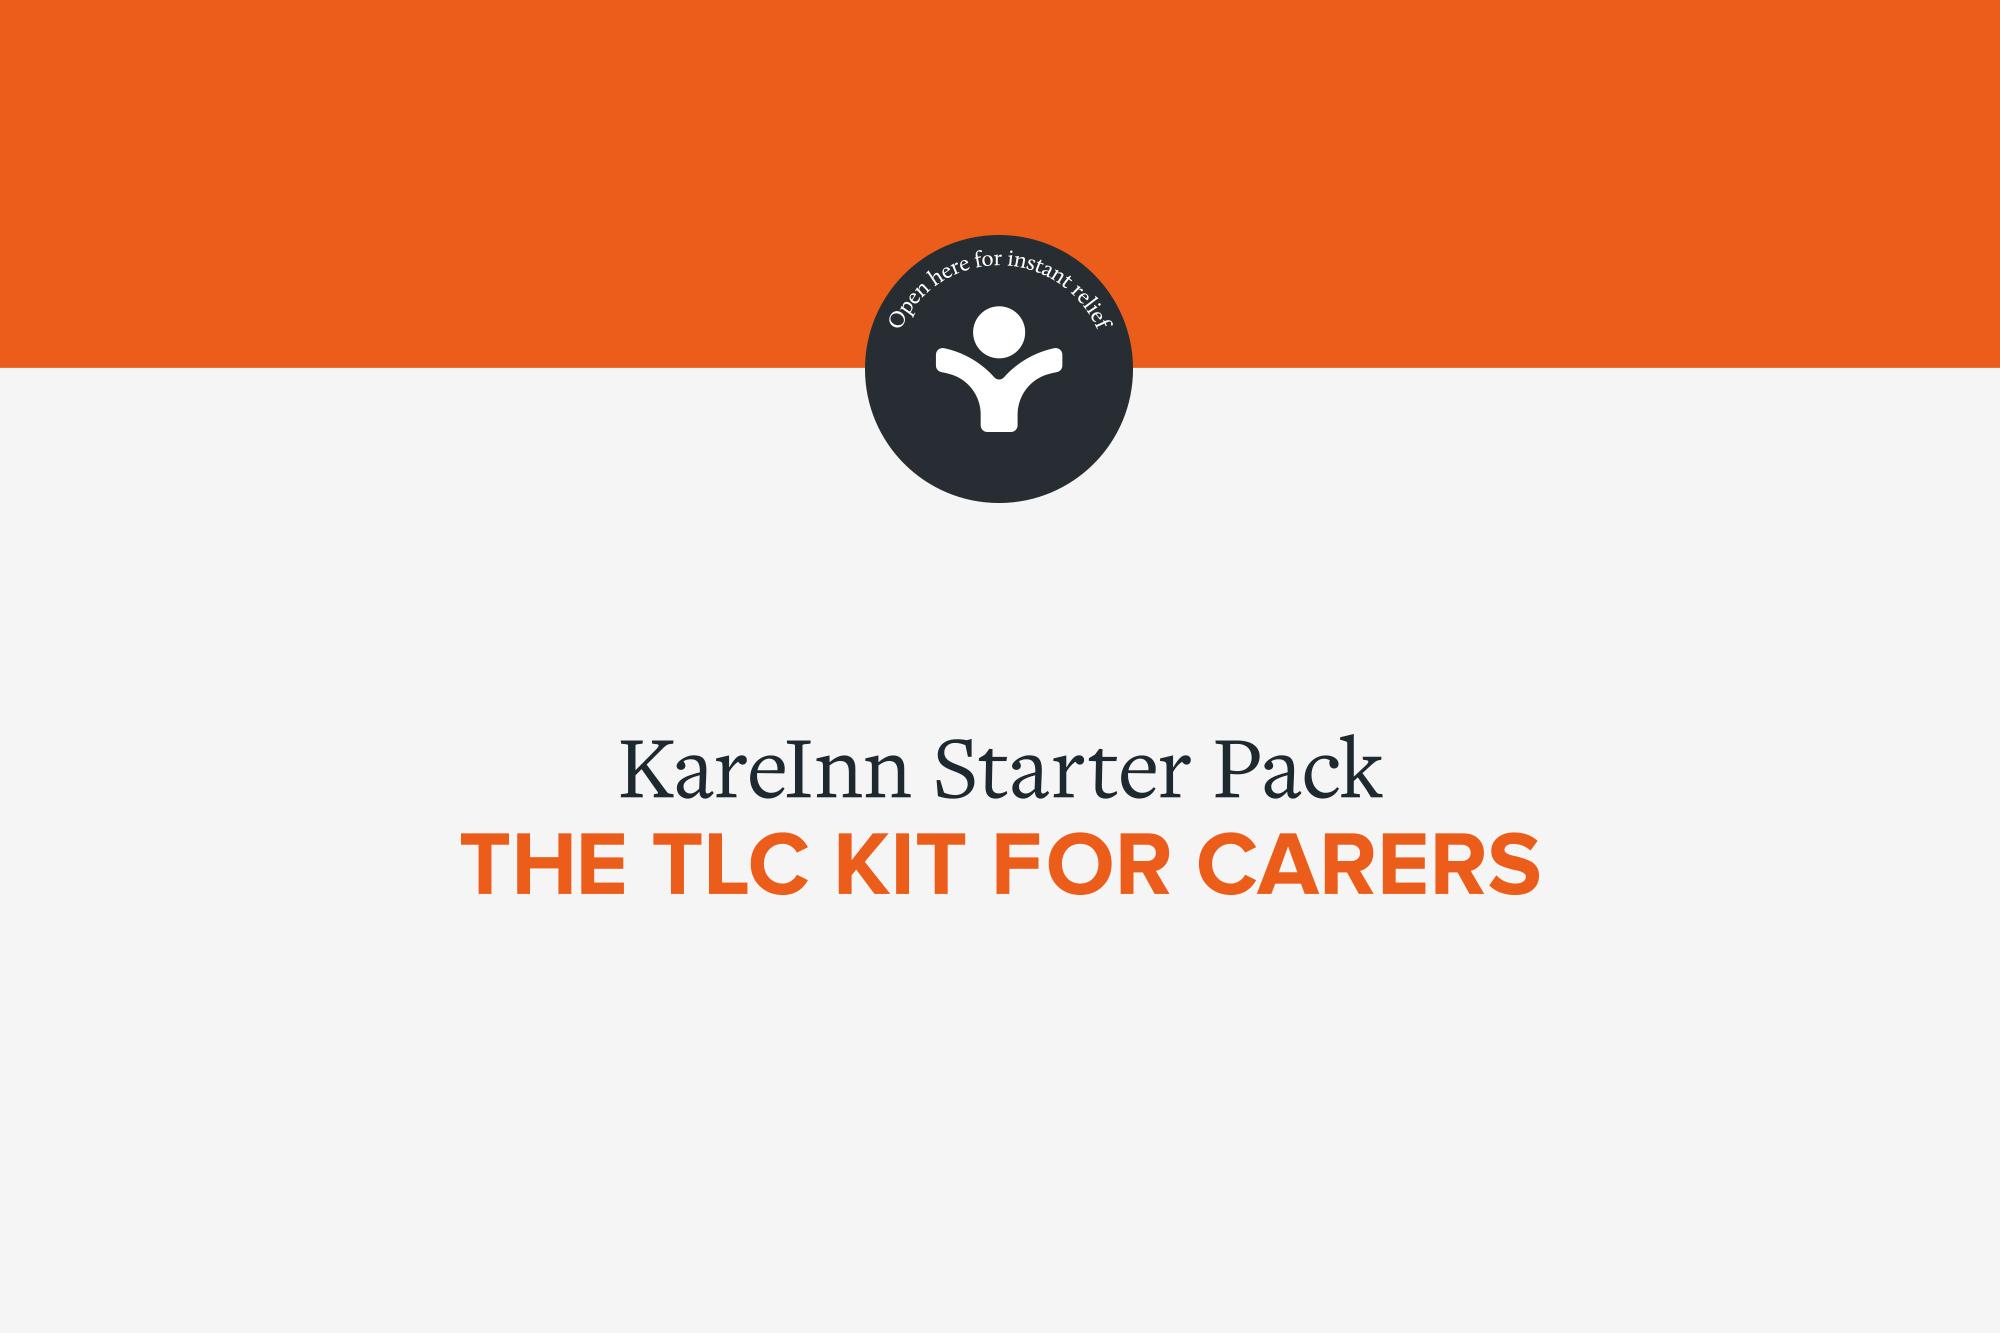 gpj_kareinn_starter_pack_v1